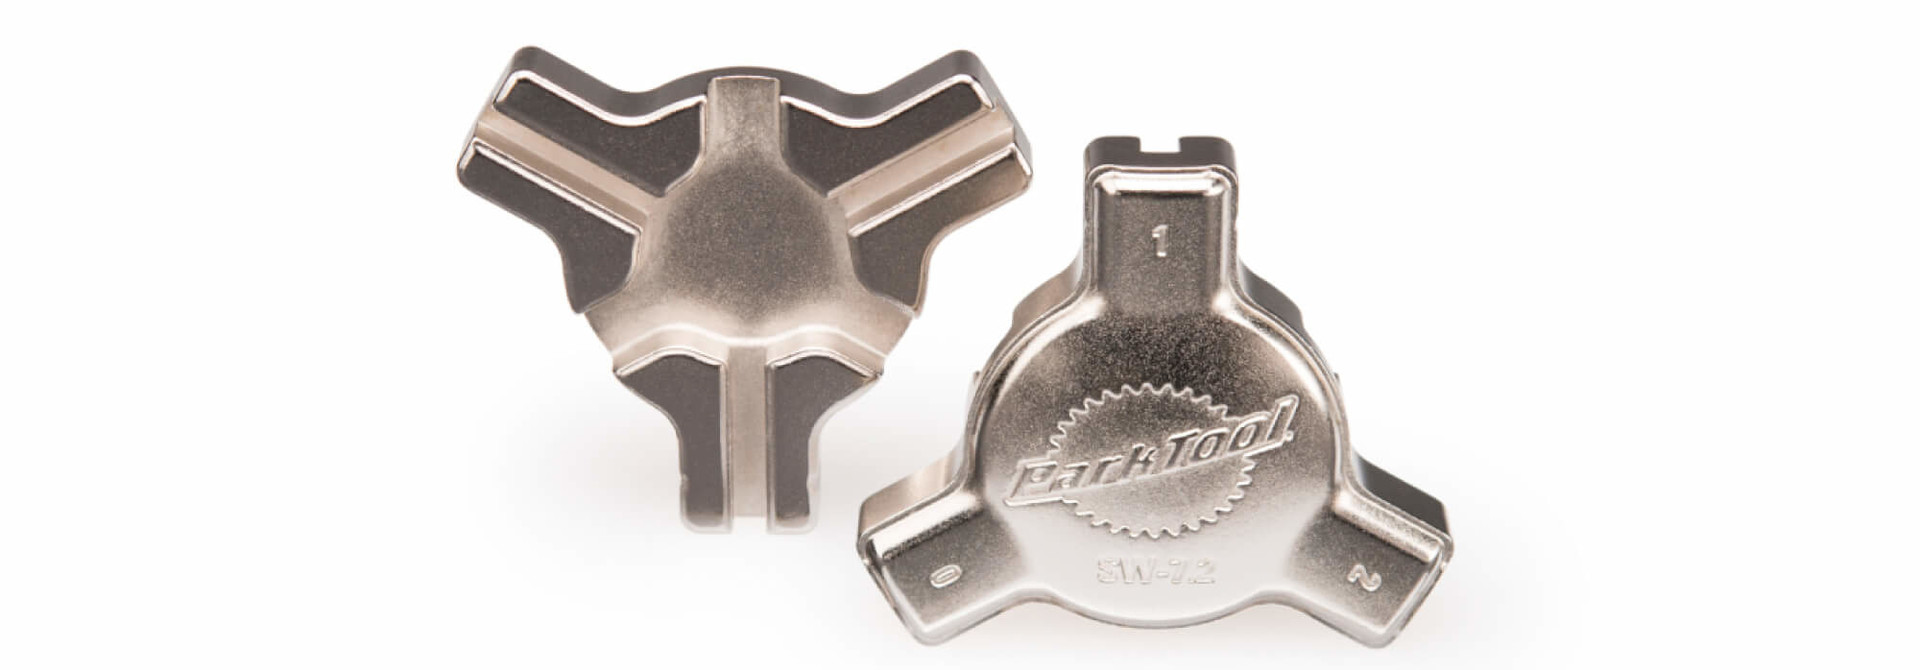 SpokeTriple3.23/3.30/3.45mmSW-7.2